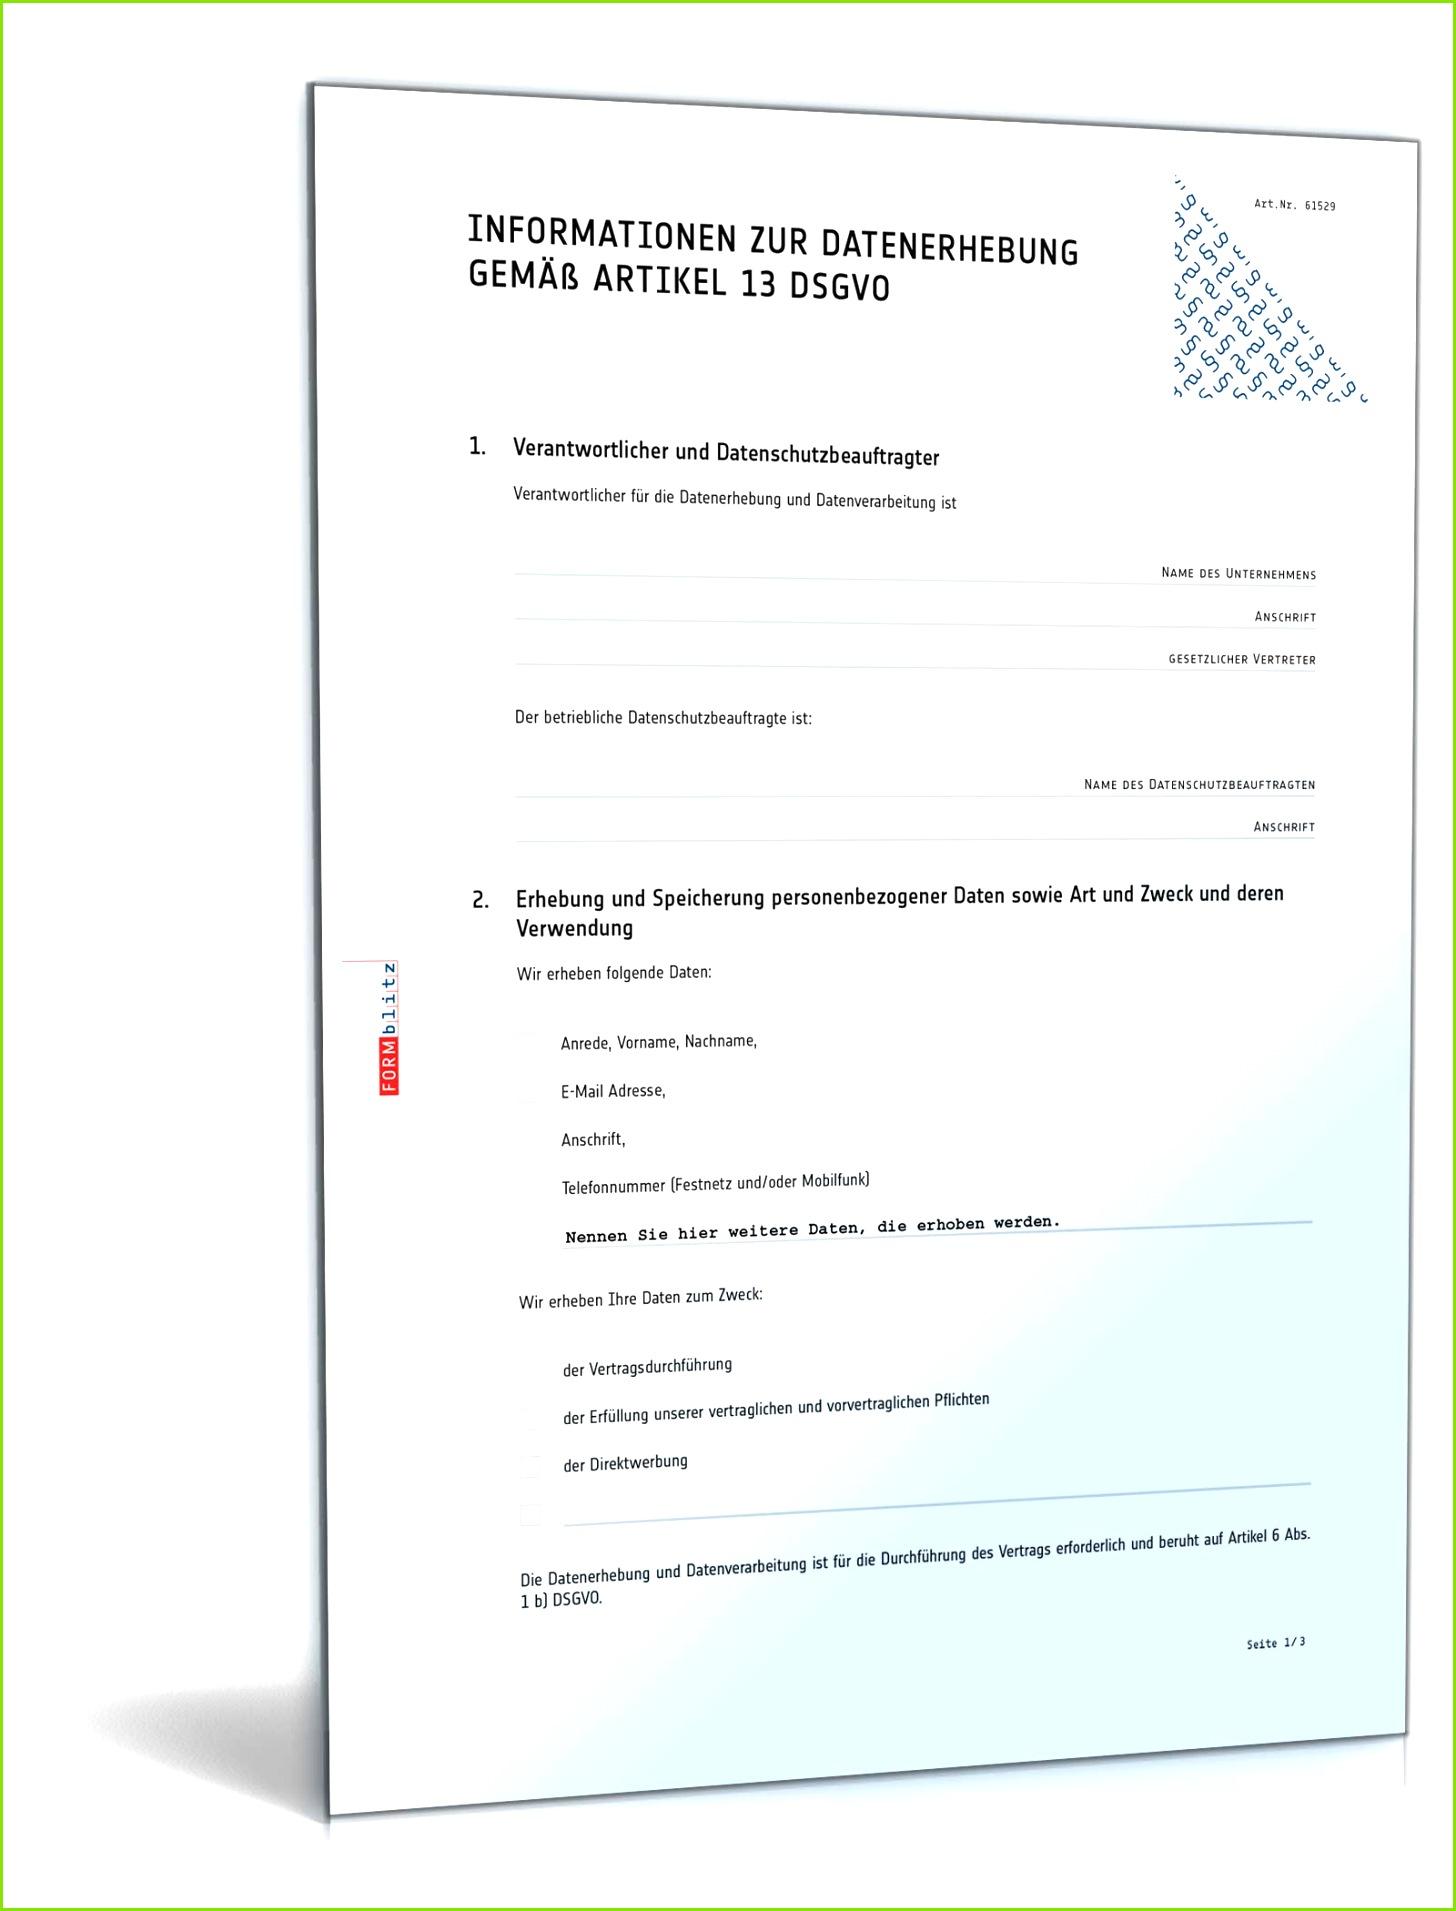 Datenschutzerklärung allgemein gemäß DSGVO